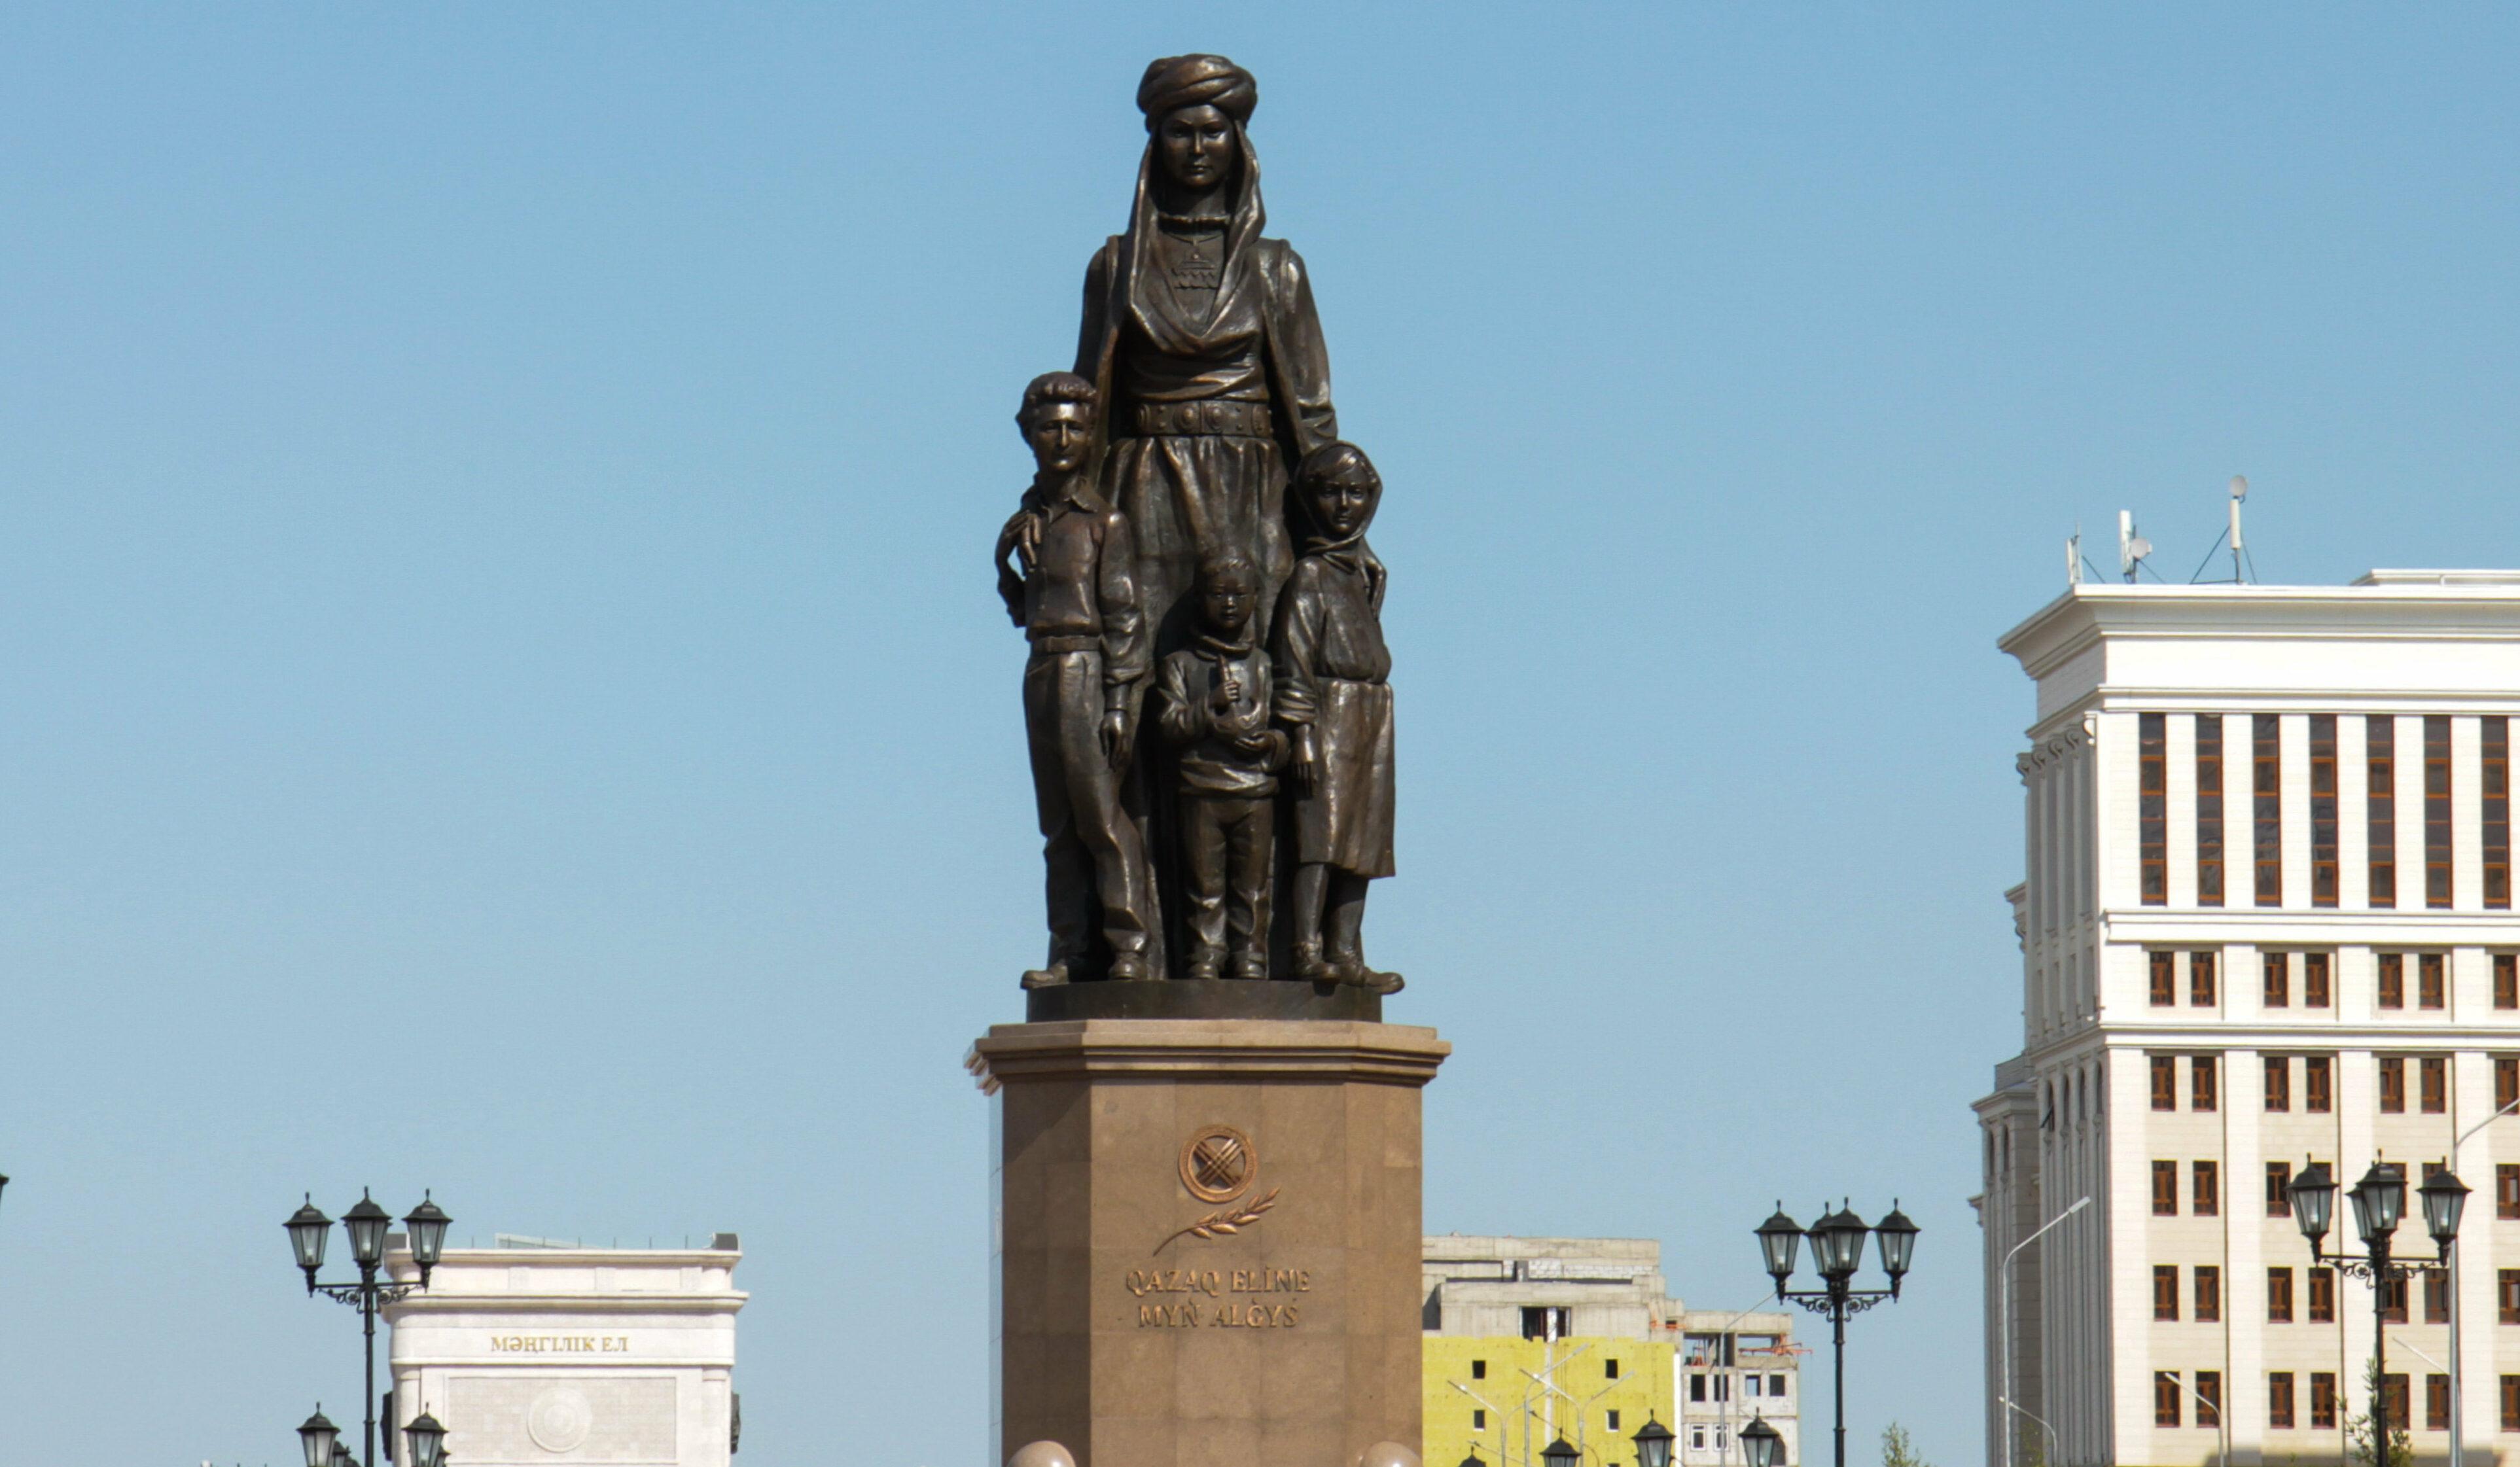 астана монумент казак елине мын алгыс